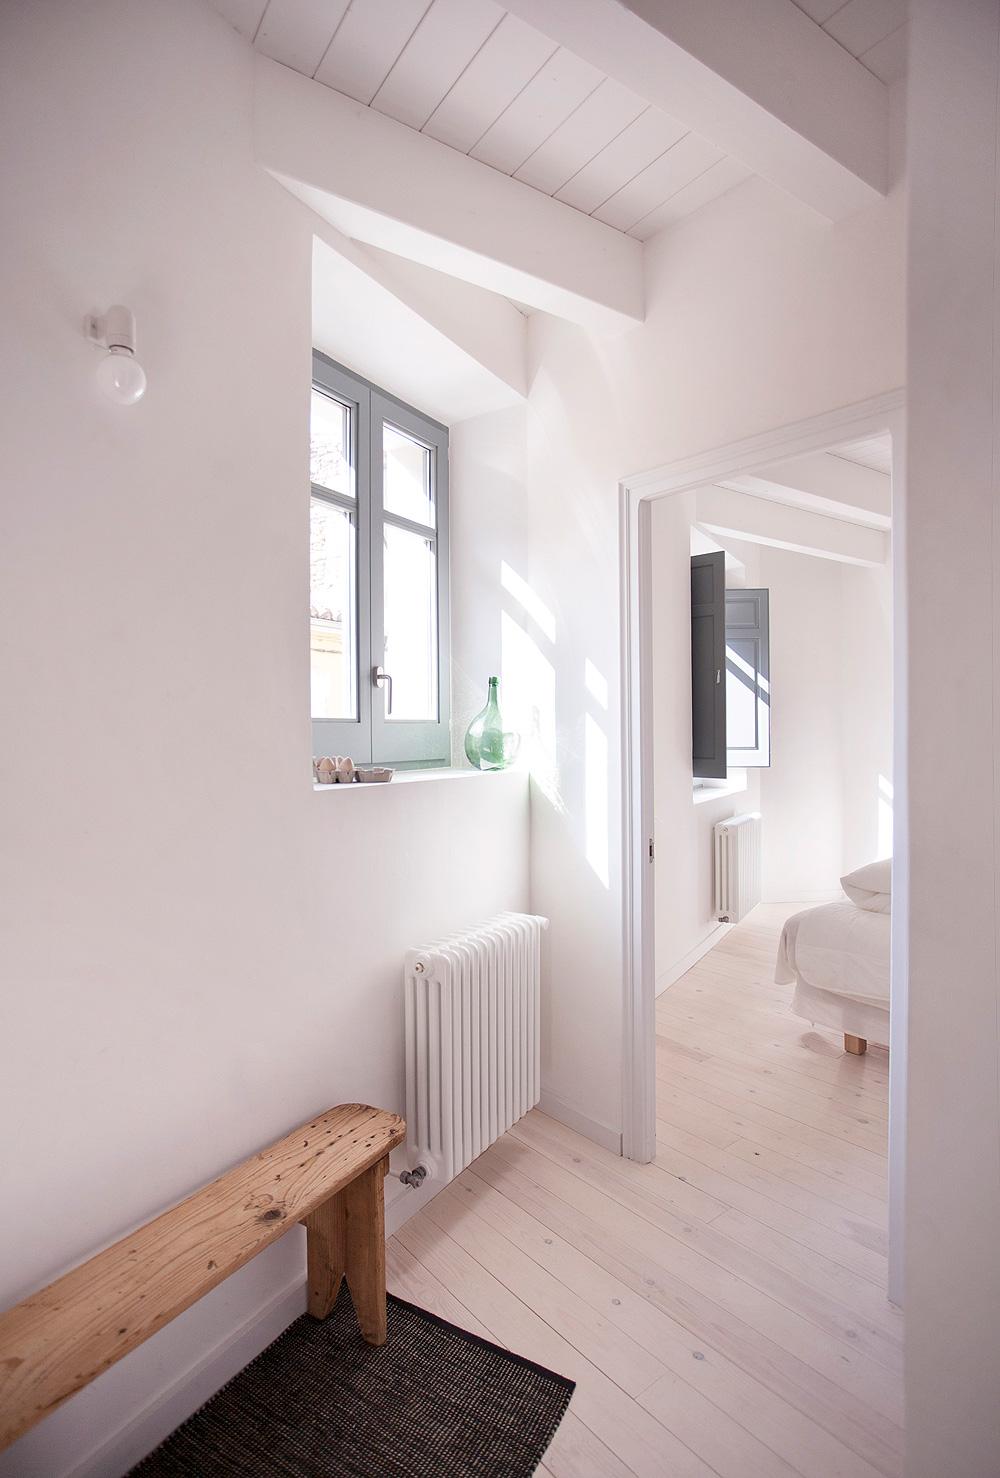 casa en banyoles maite prats estudi d'arquitectura interior (6)